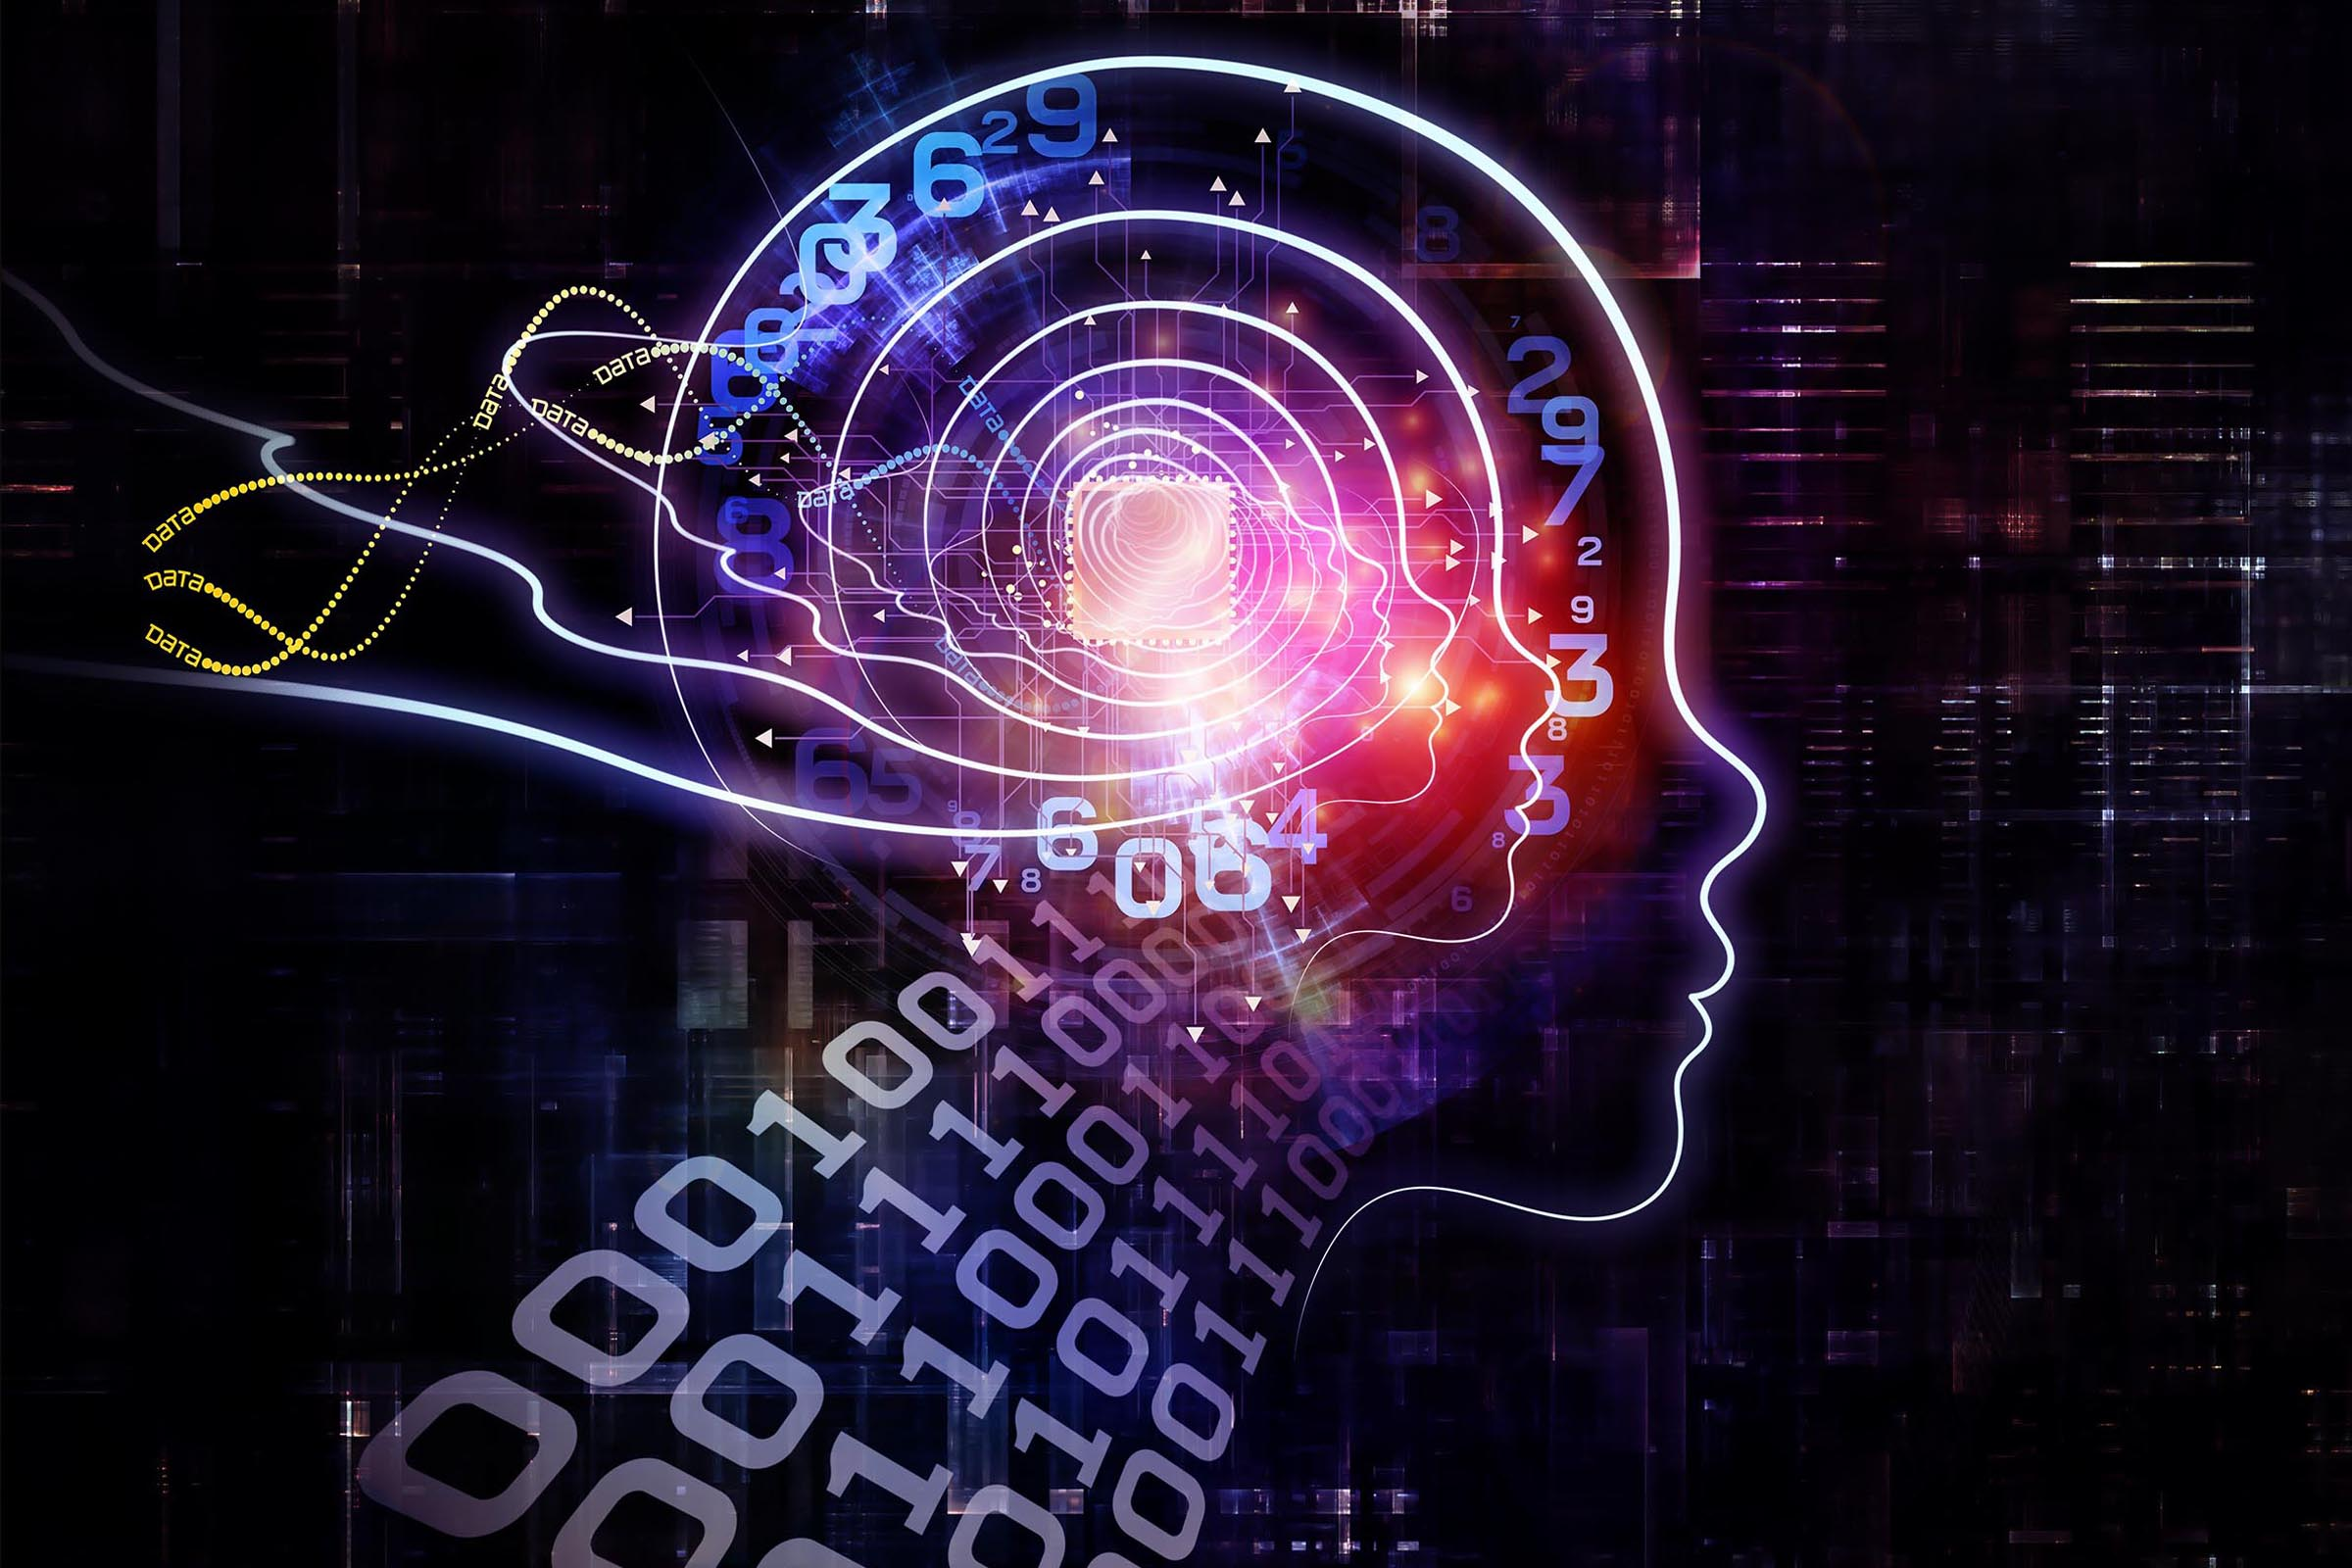 Você está cercado por redes neurais. Veja como elas tentam simular o cérebro humano